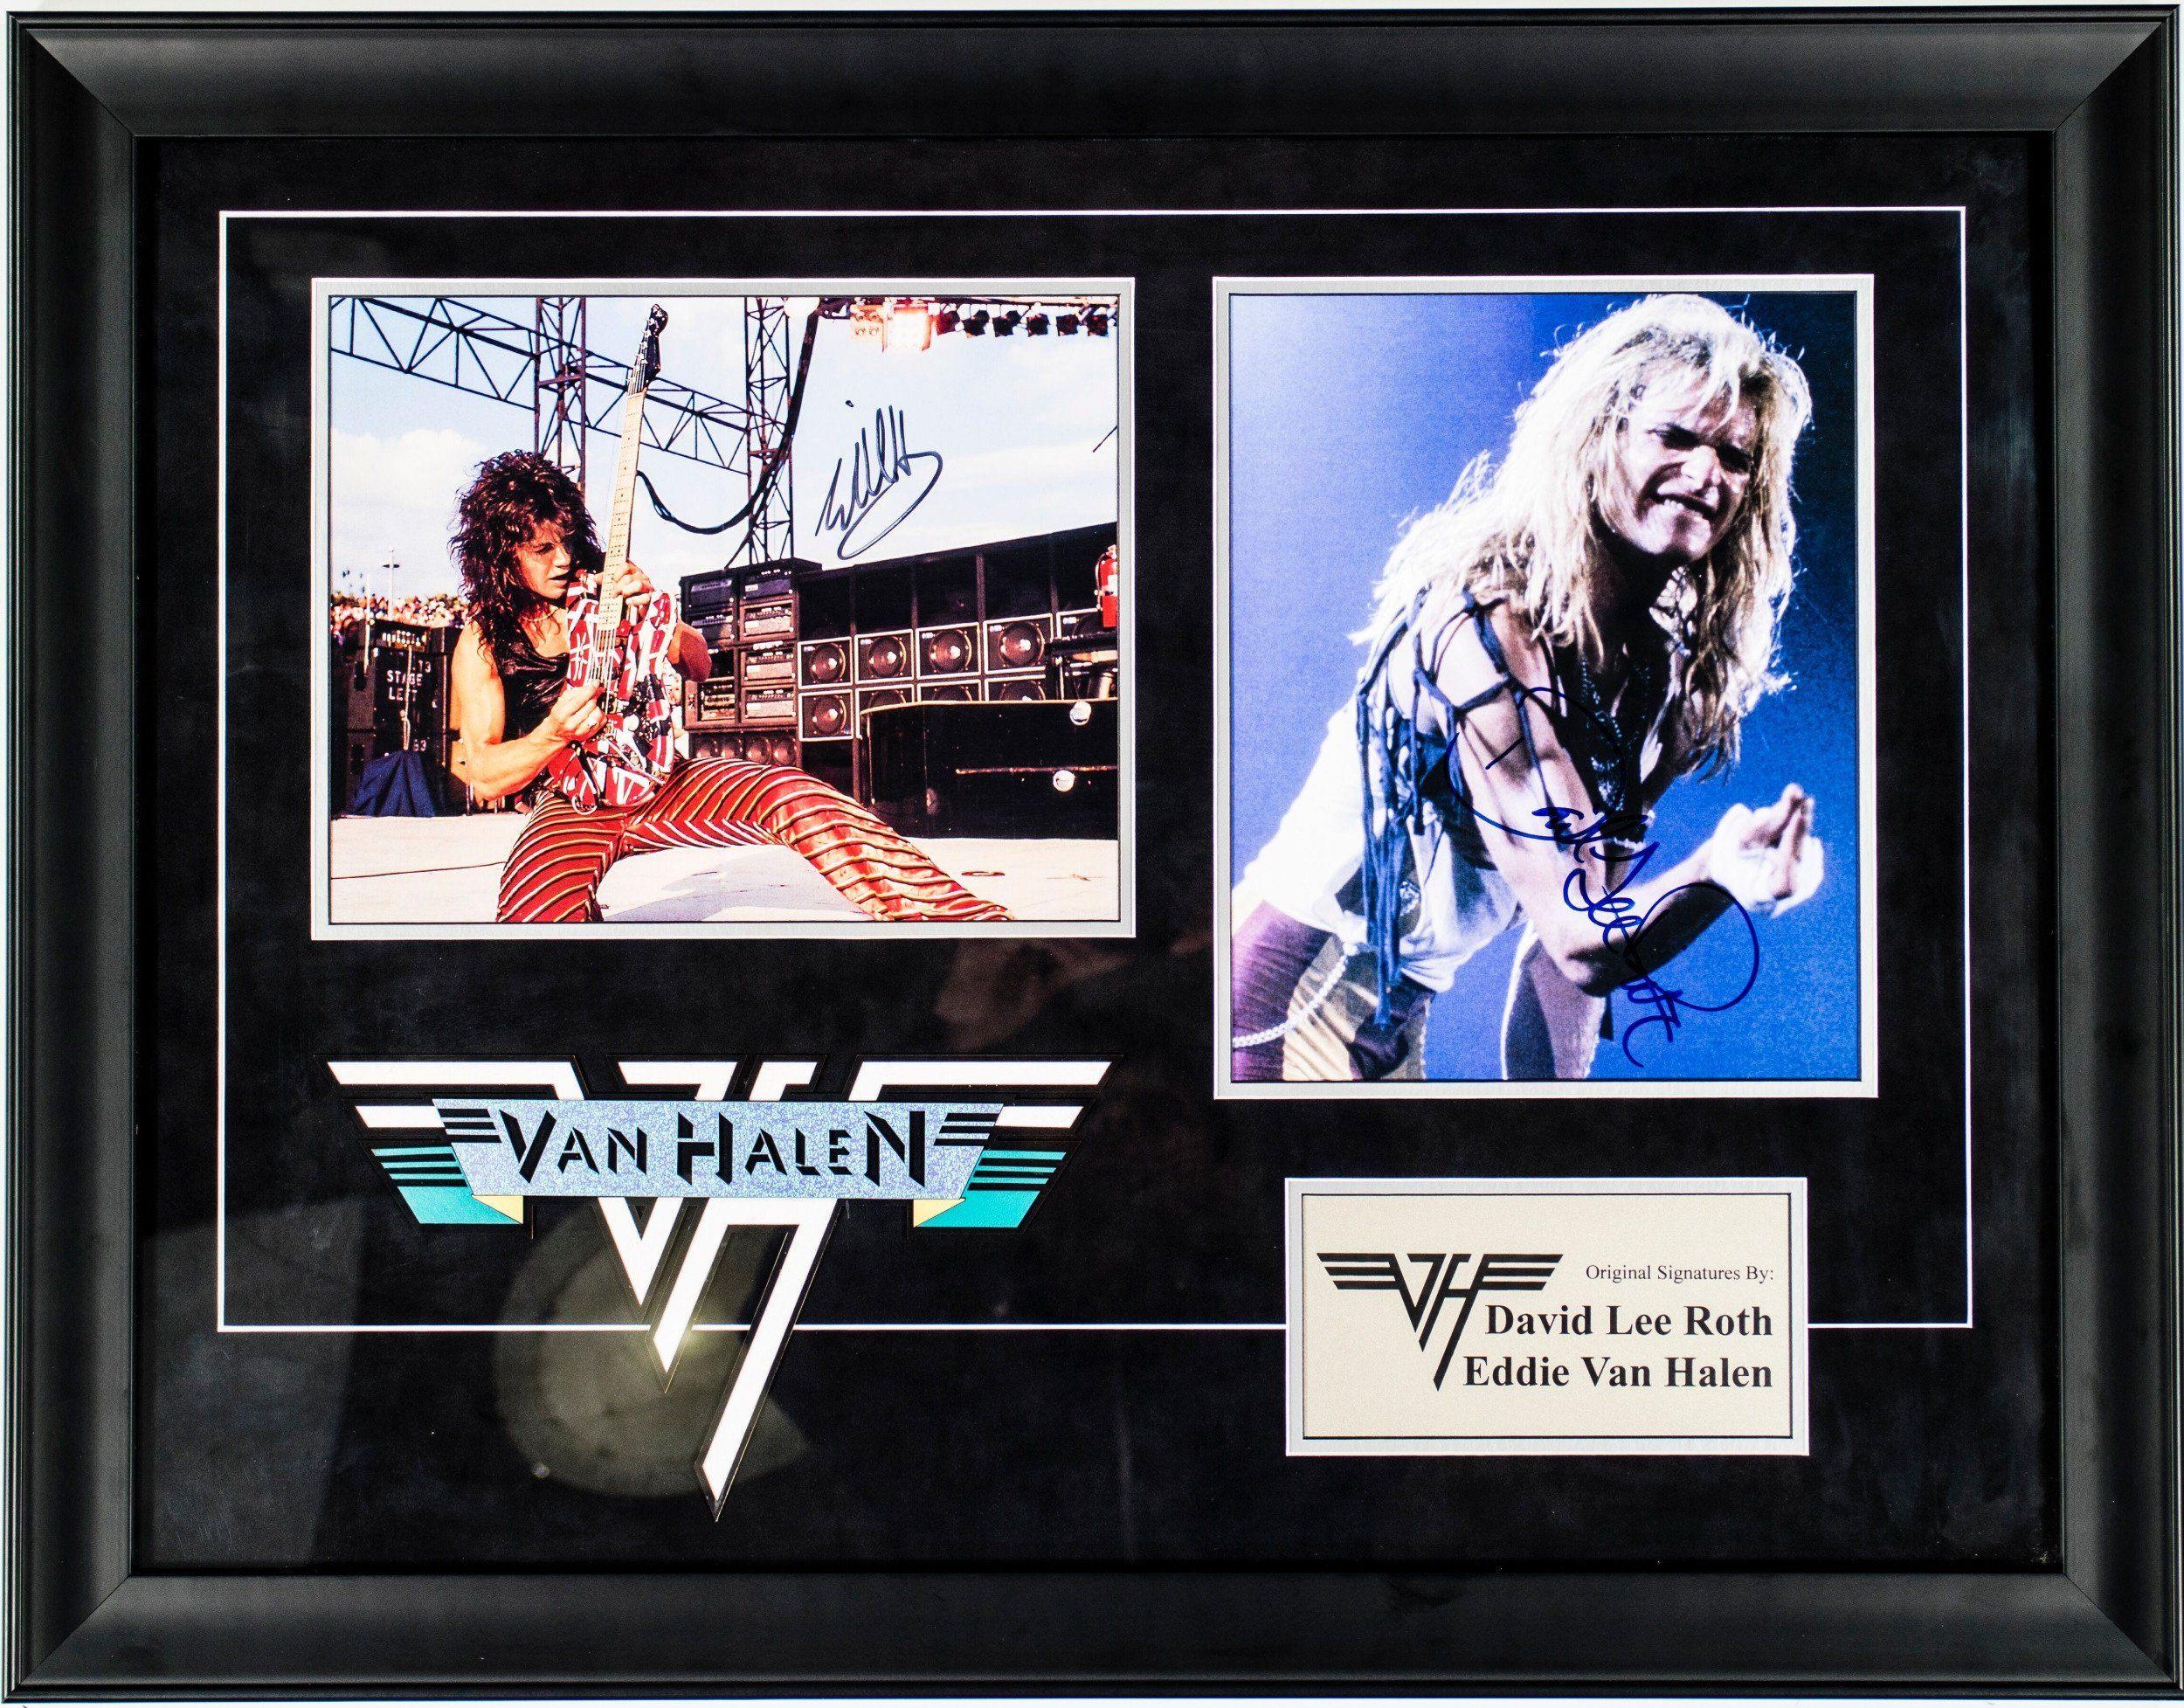 Eddie Van Halen And David Lee Roth Signed Photos In Custom Framed Case Eddie Van Halen Van Halen David Lee Roth